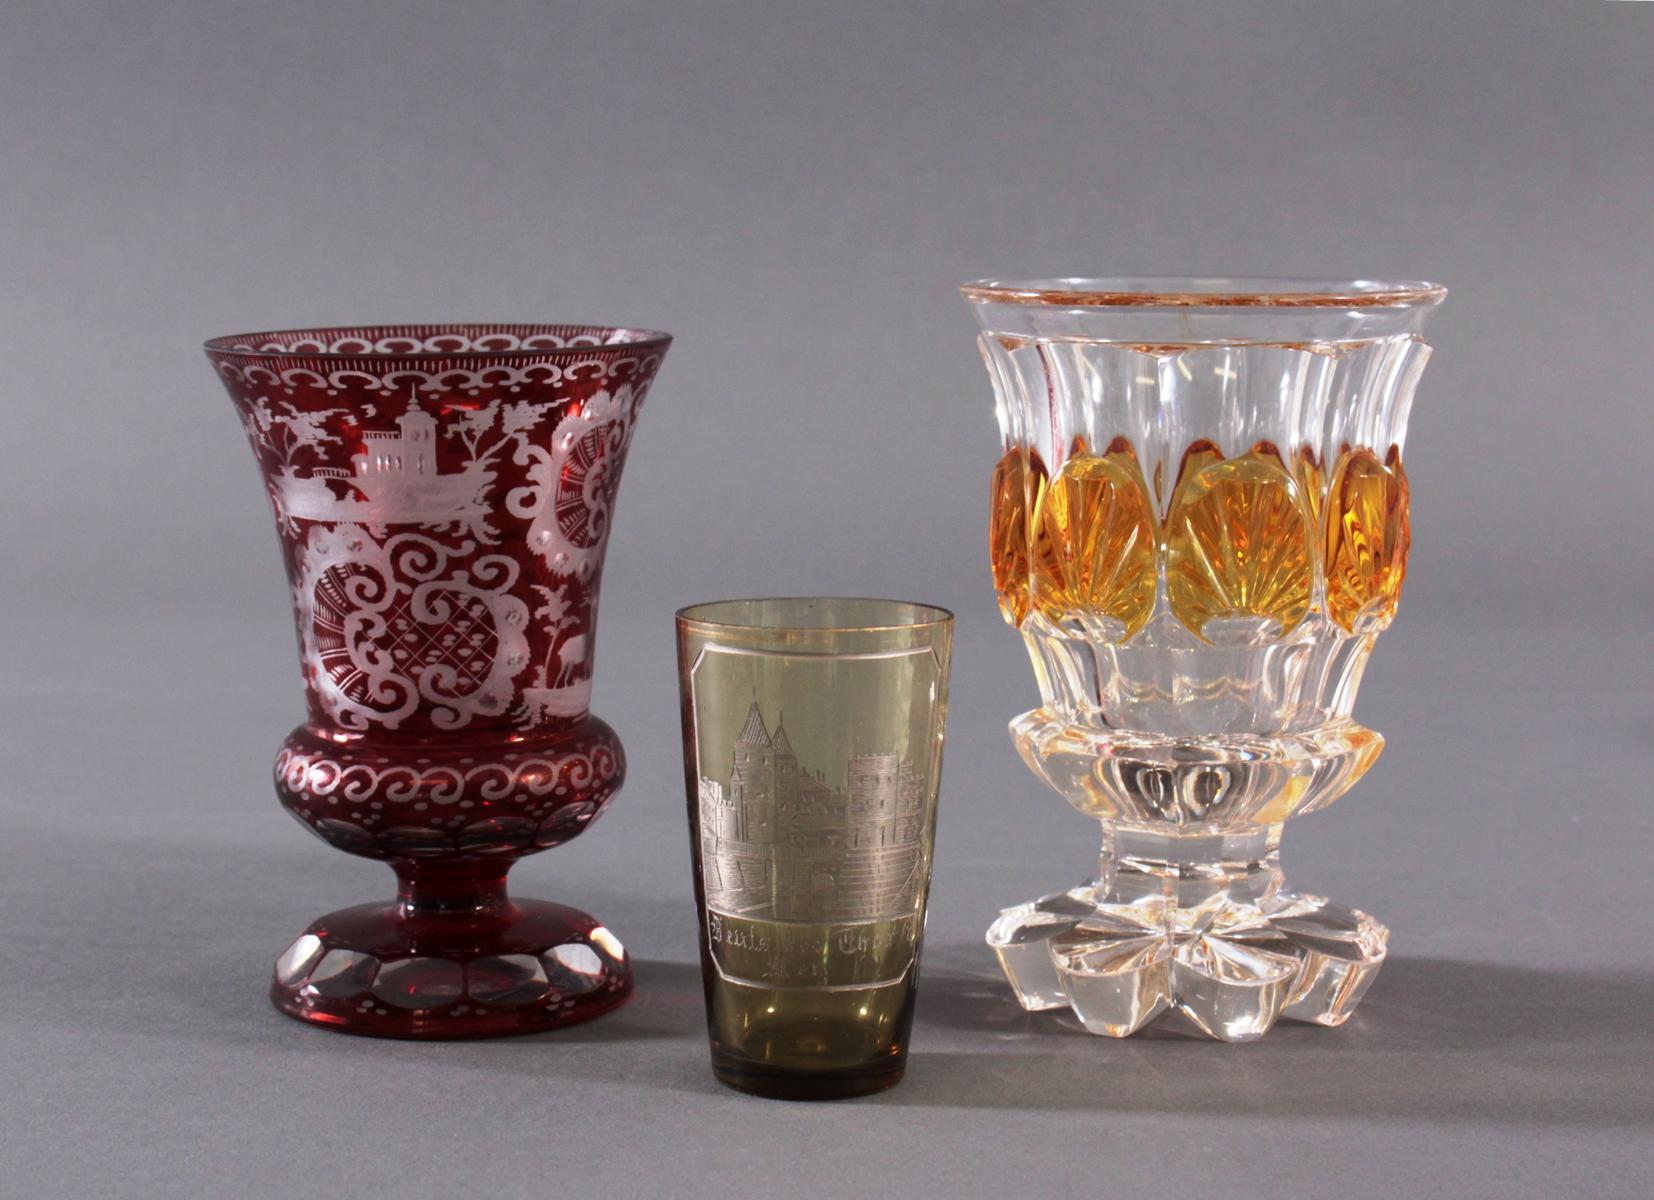 2 Pokalgläser und 1 Andenkenglas um 1900